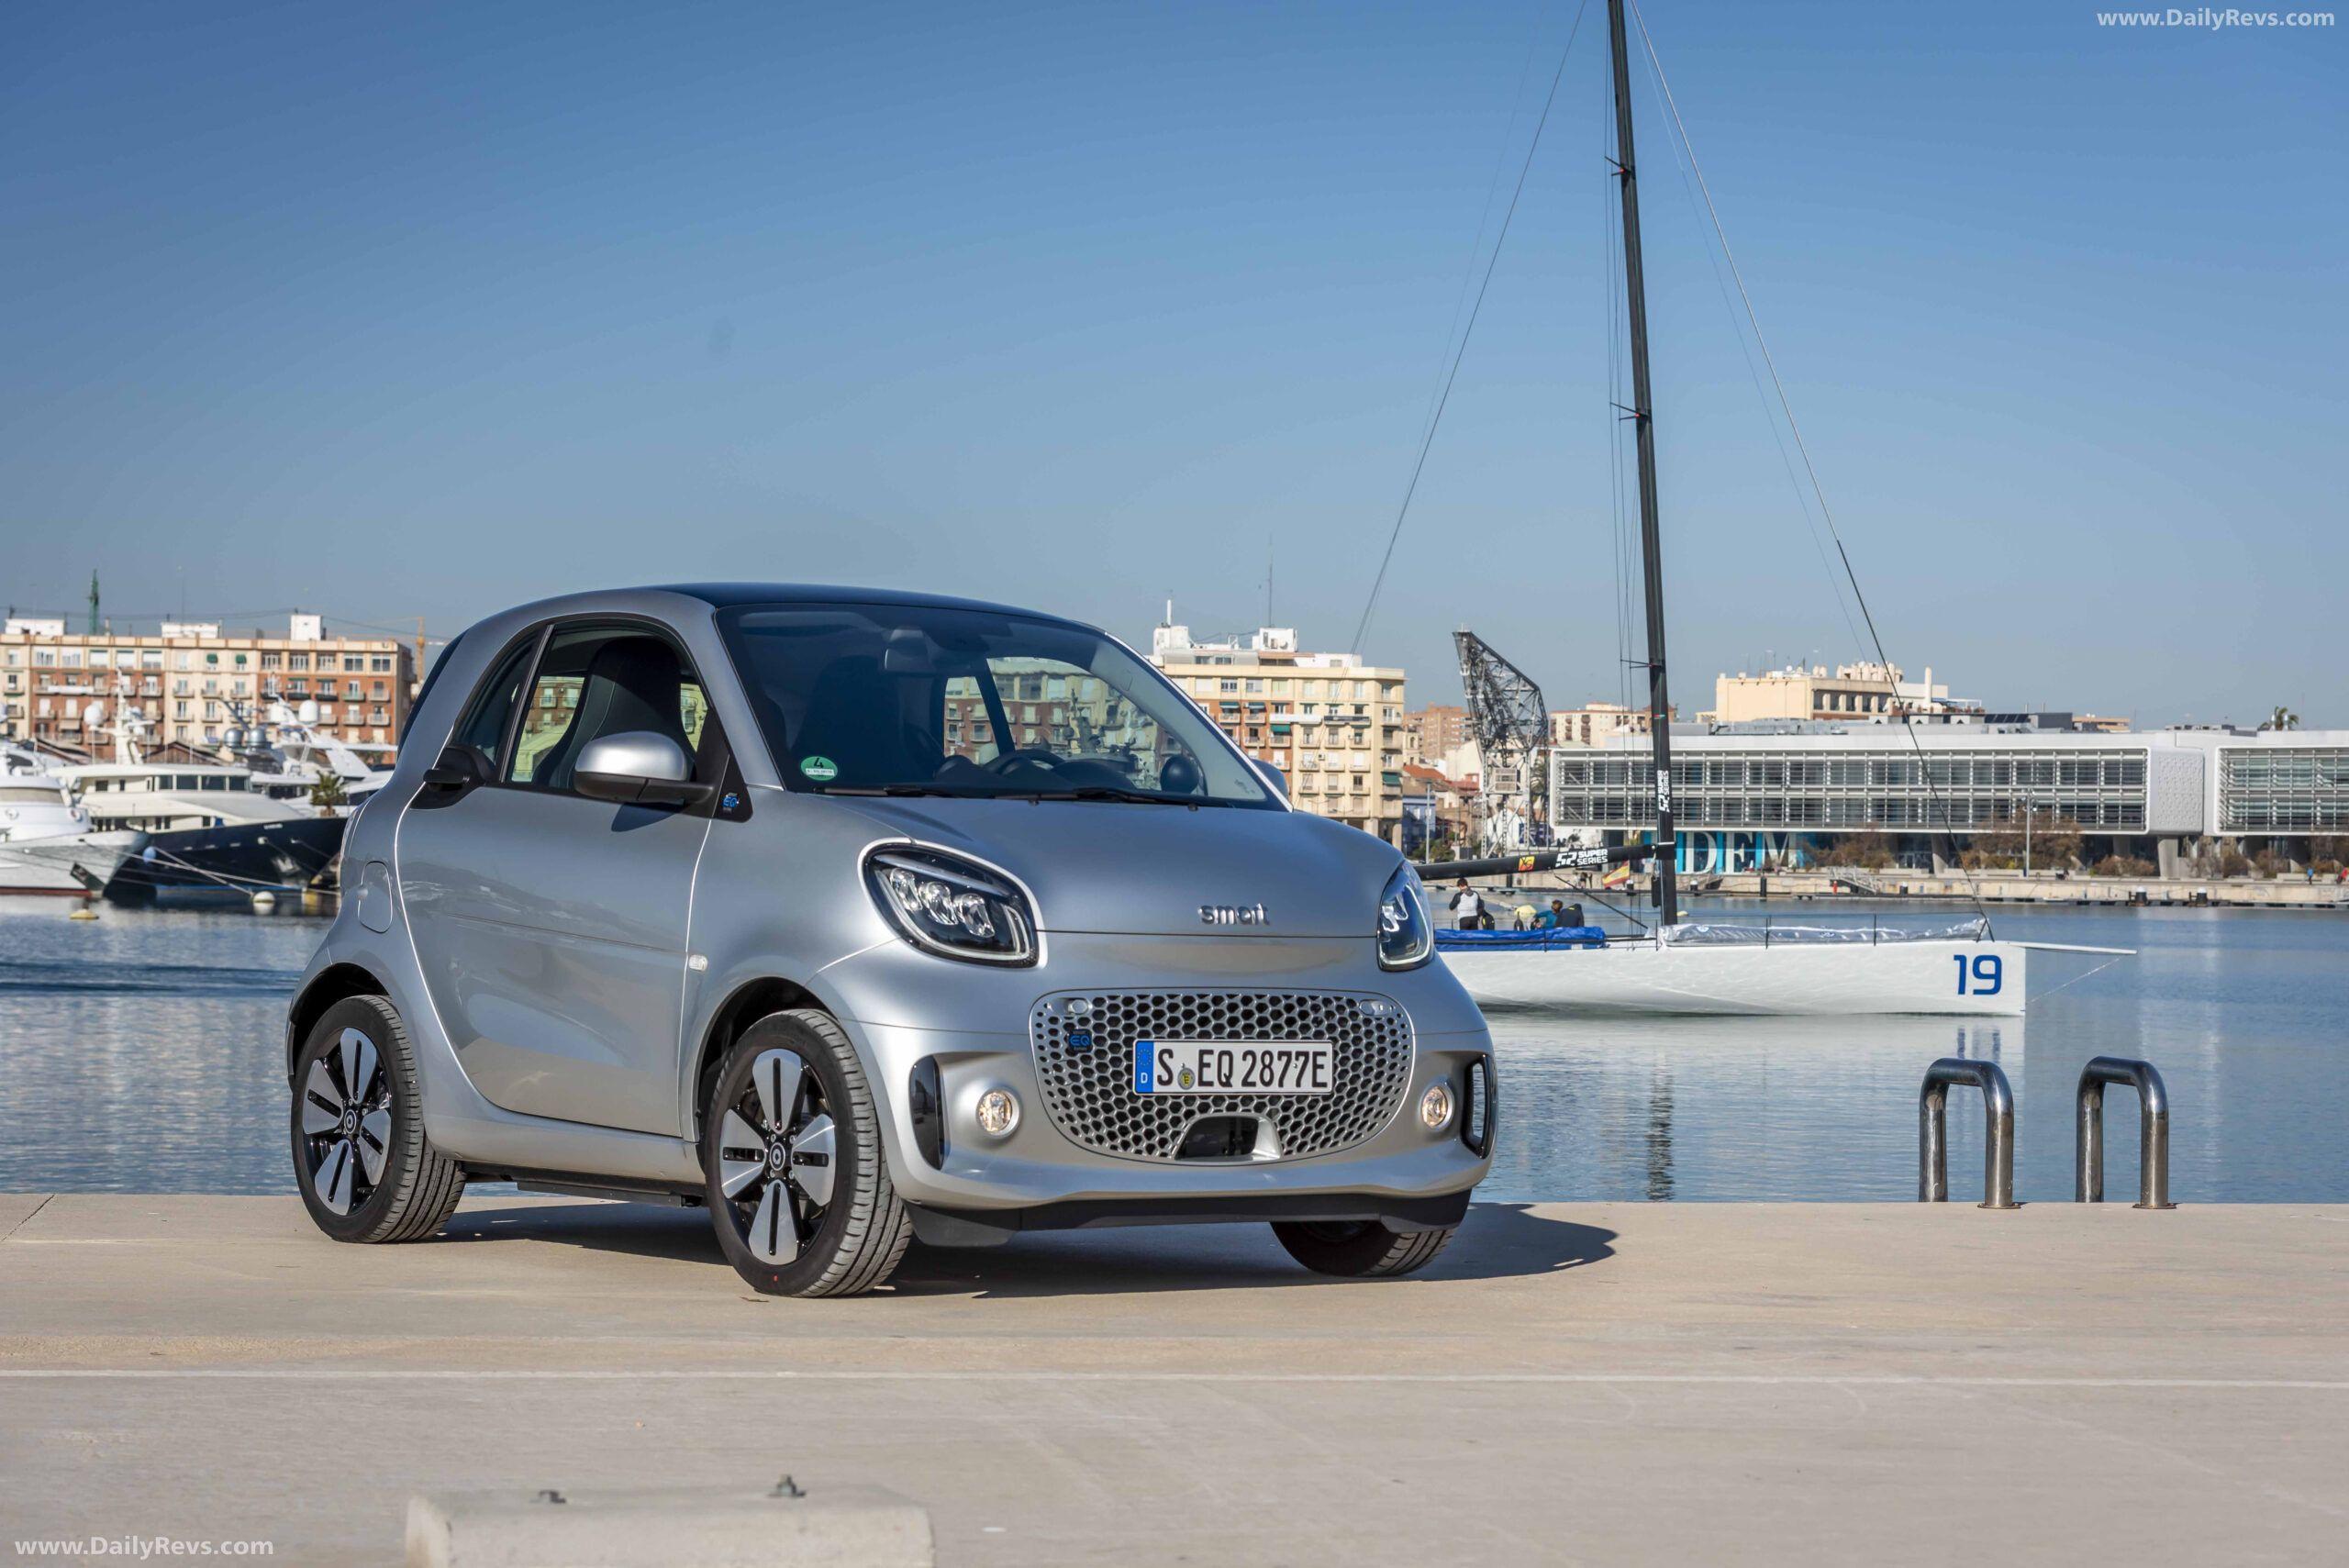 2020 Smart Fortwo Preis Und Erscheinungsdatum In 2020 Car Suv Car Suv